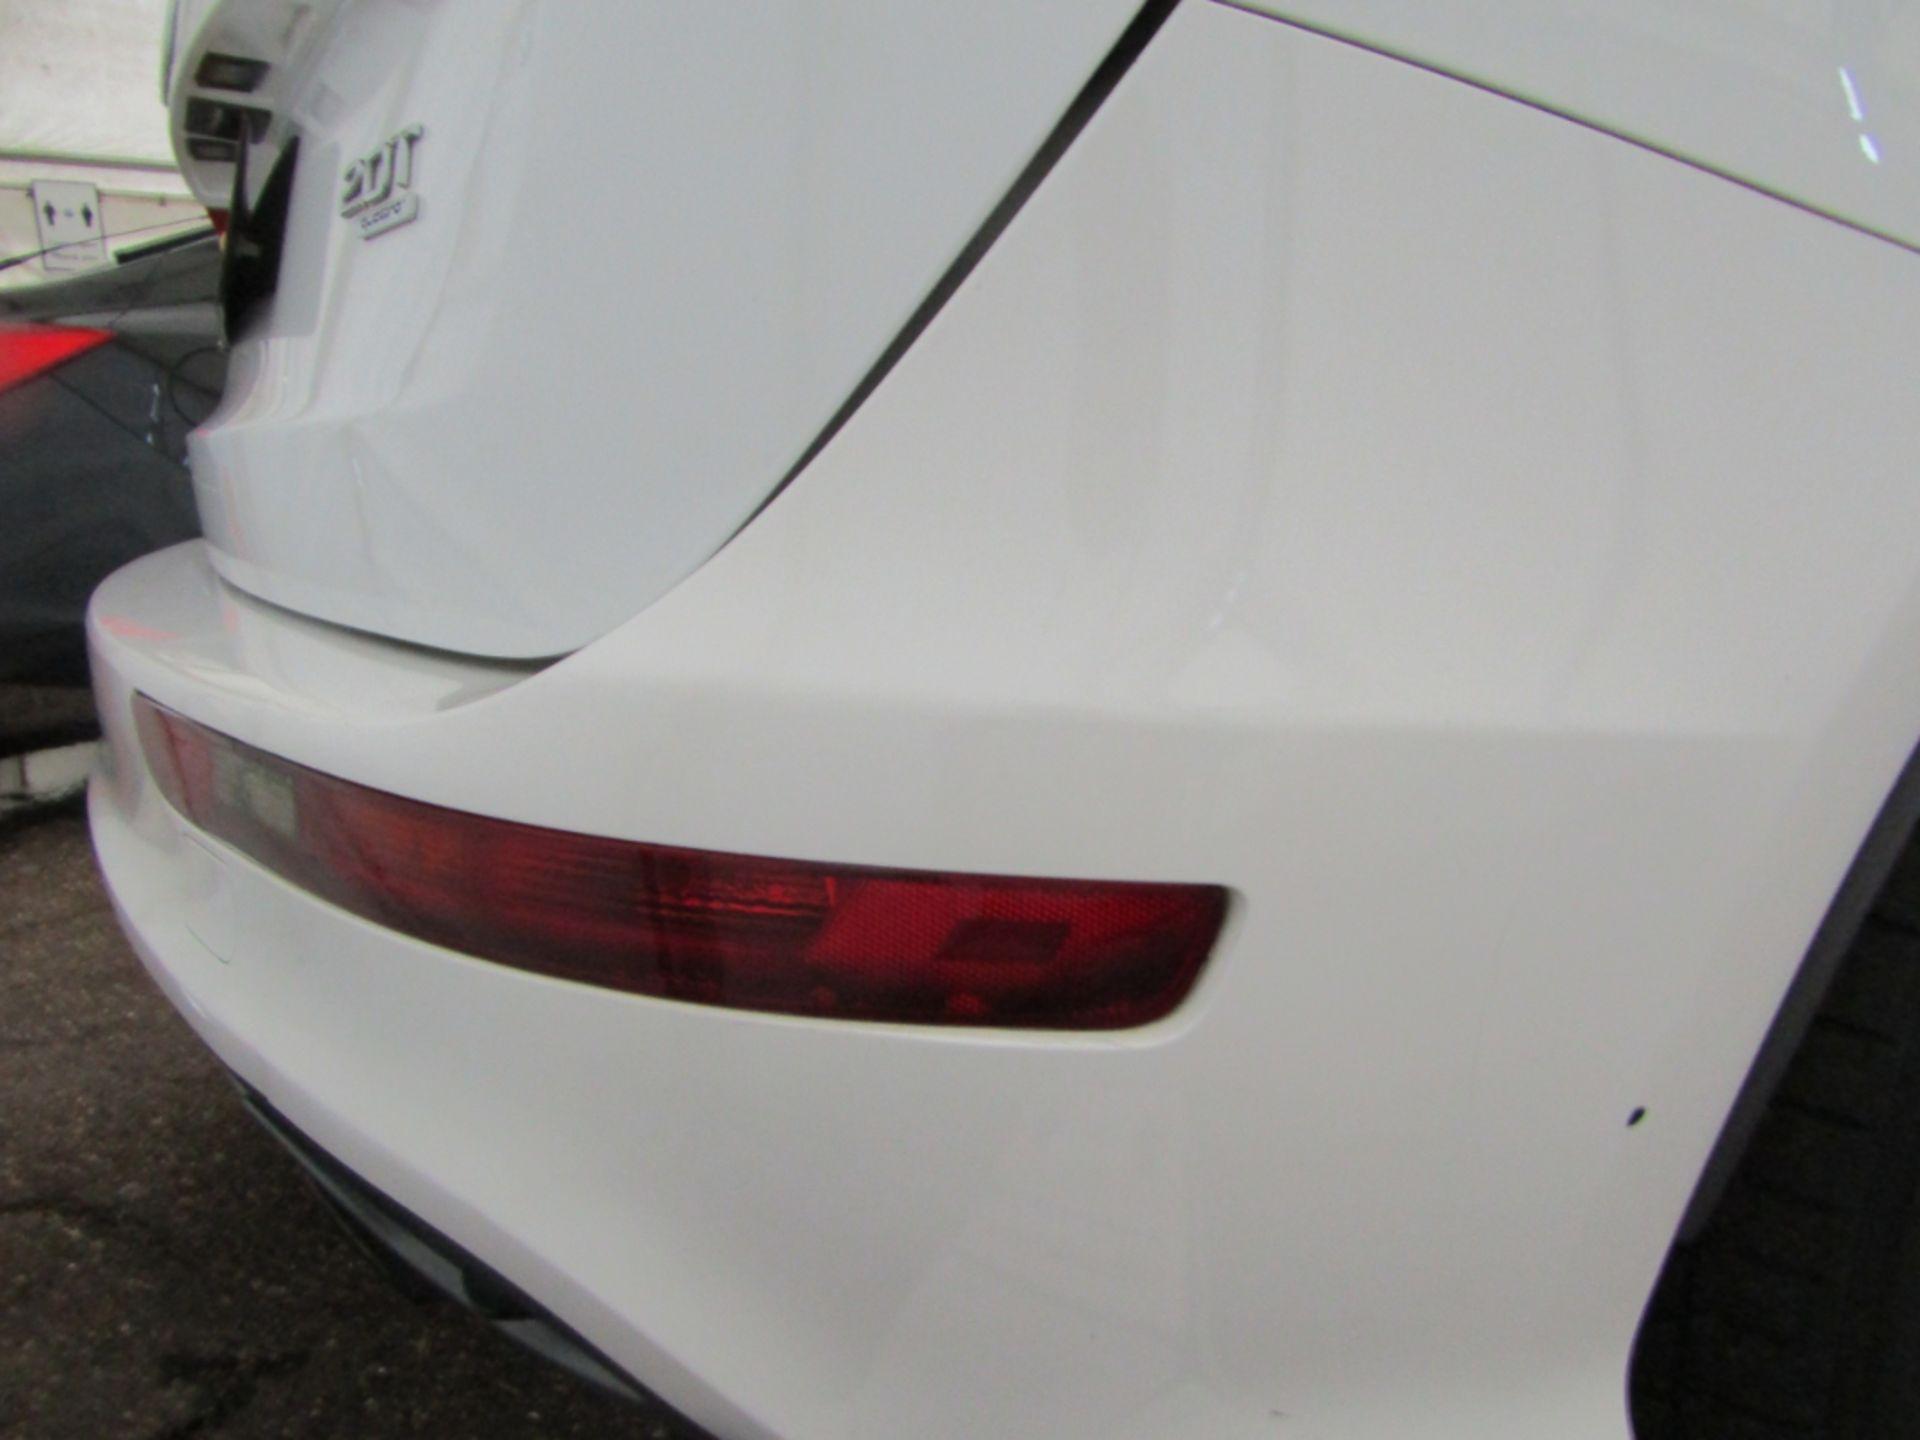 09 09 Audi Q5 S Line TFSI Quattro - Image 12 of 17